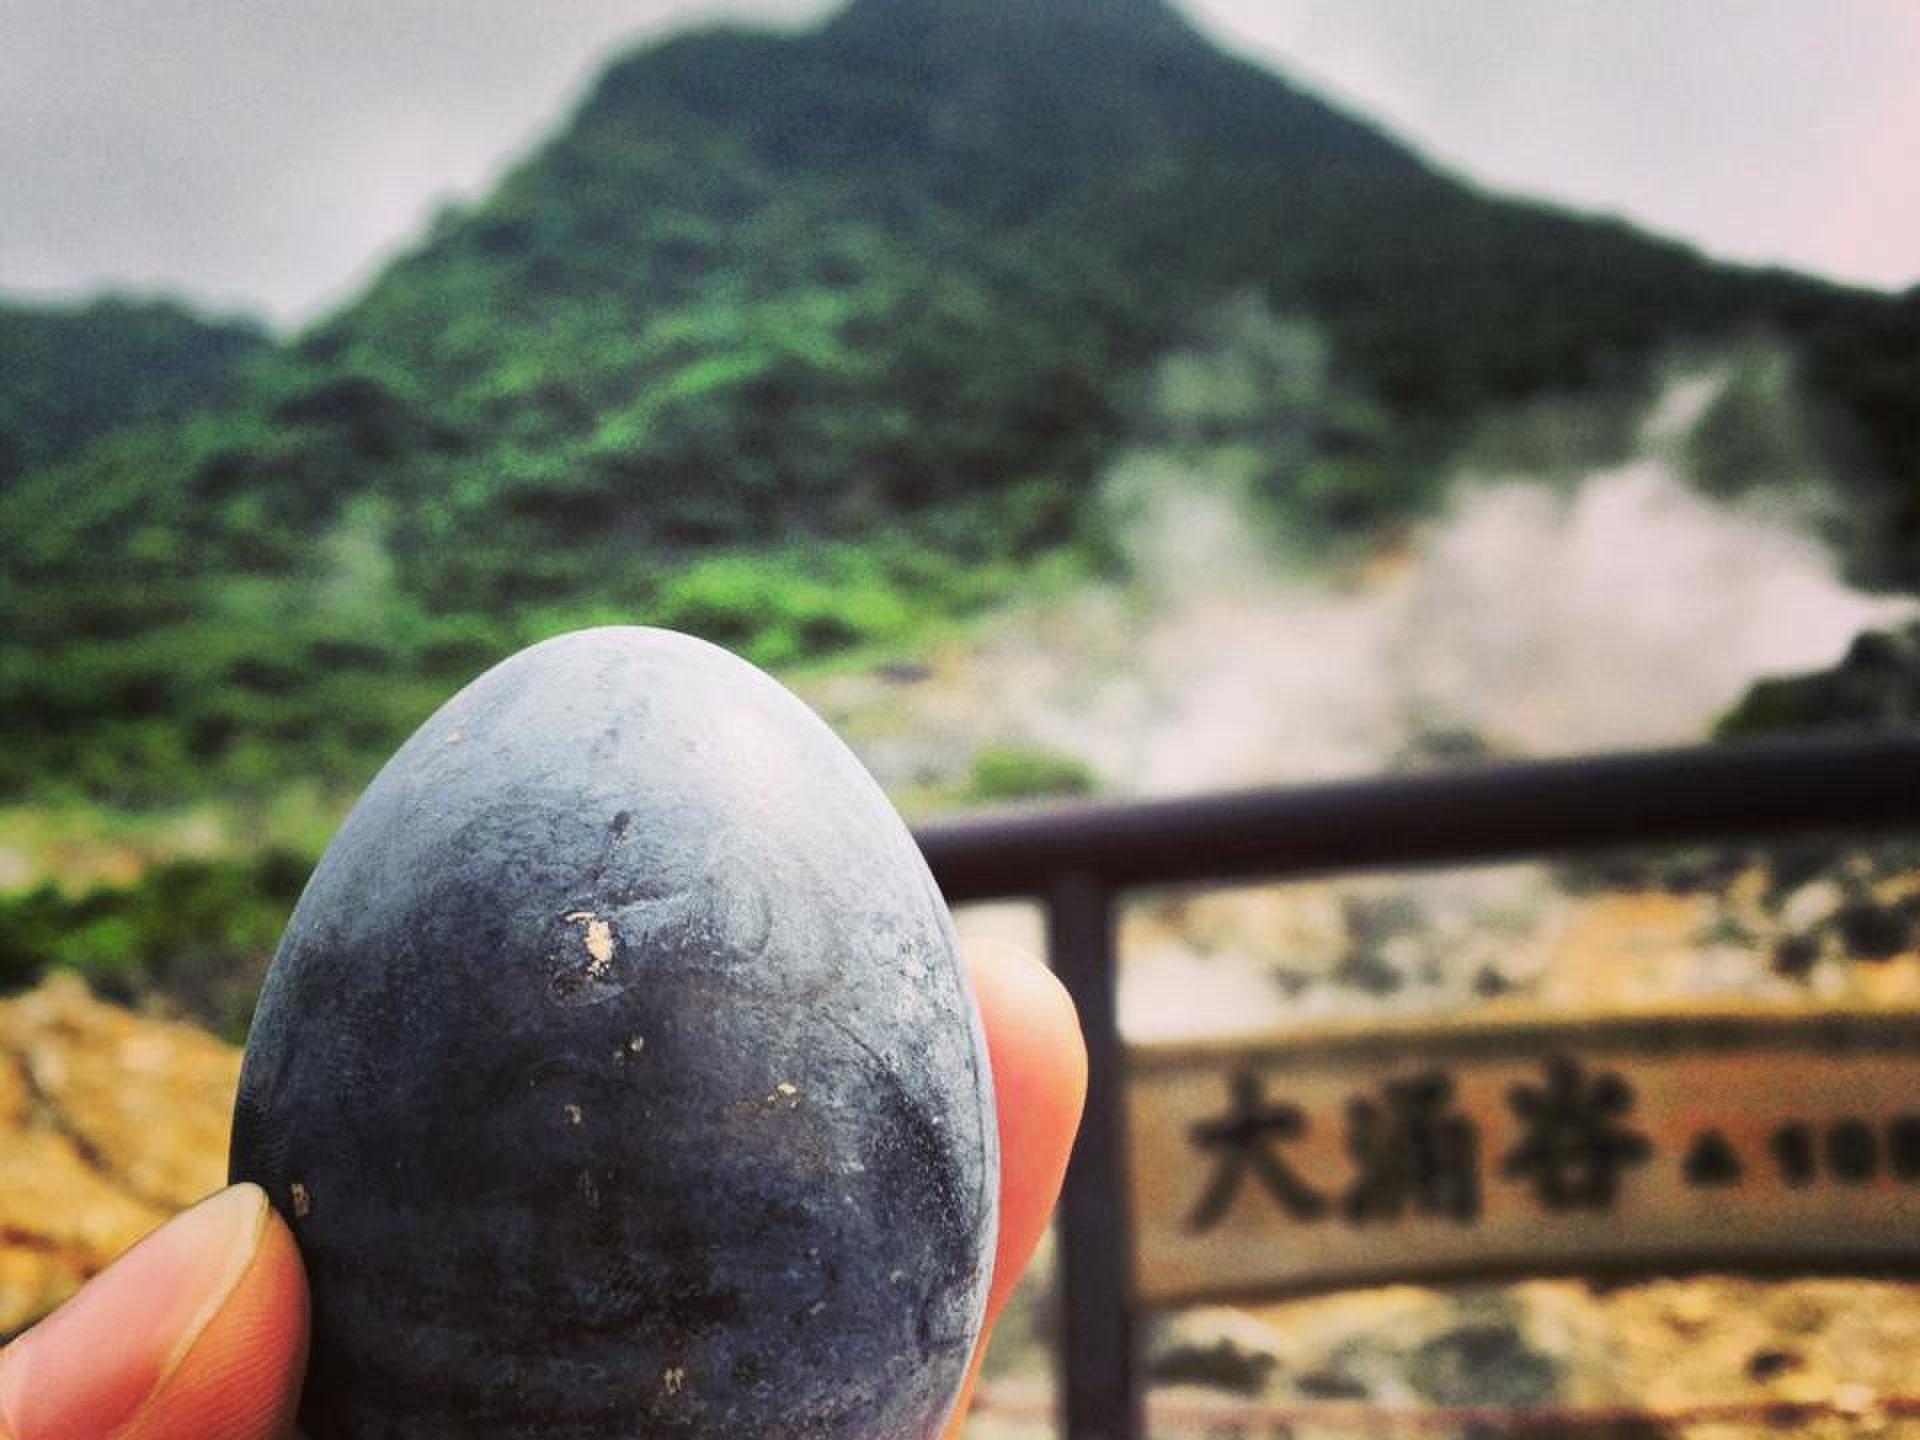 【箱根観光】感動間違いなし!大自然を肌で感じる、箱根旅のすすめ。